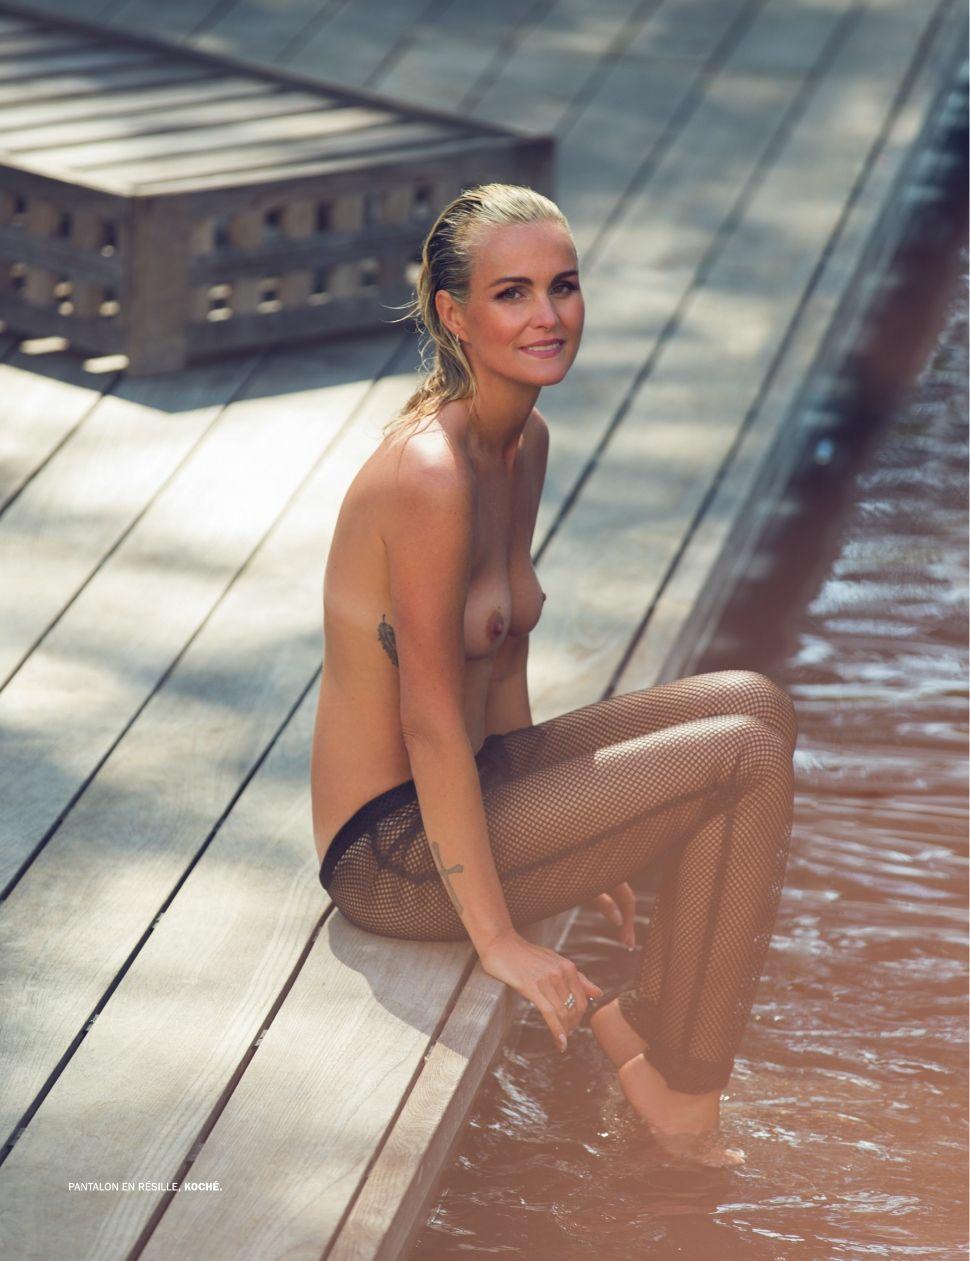 Nude Photos of Laeticia Hallyday